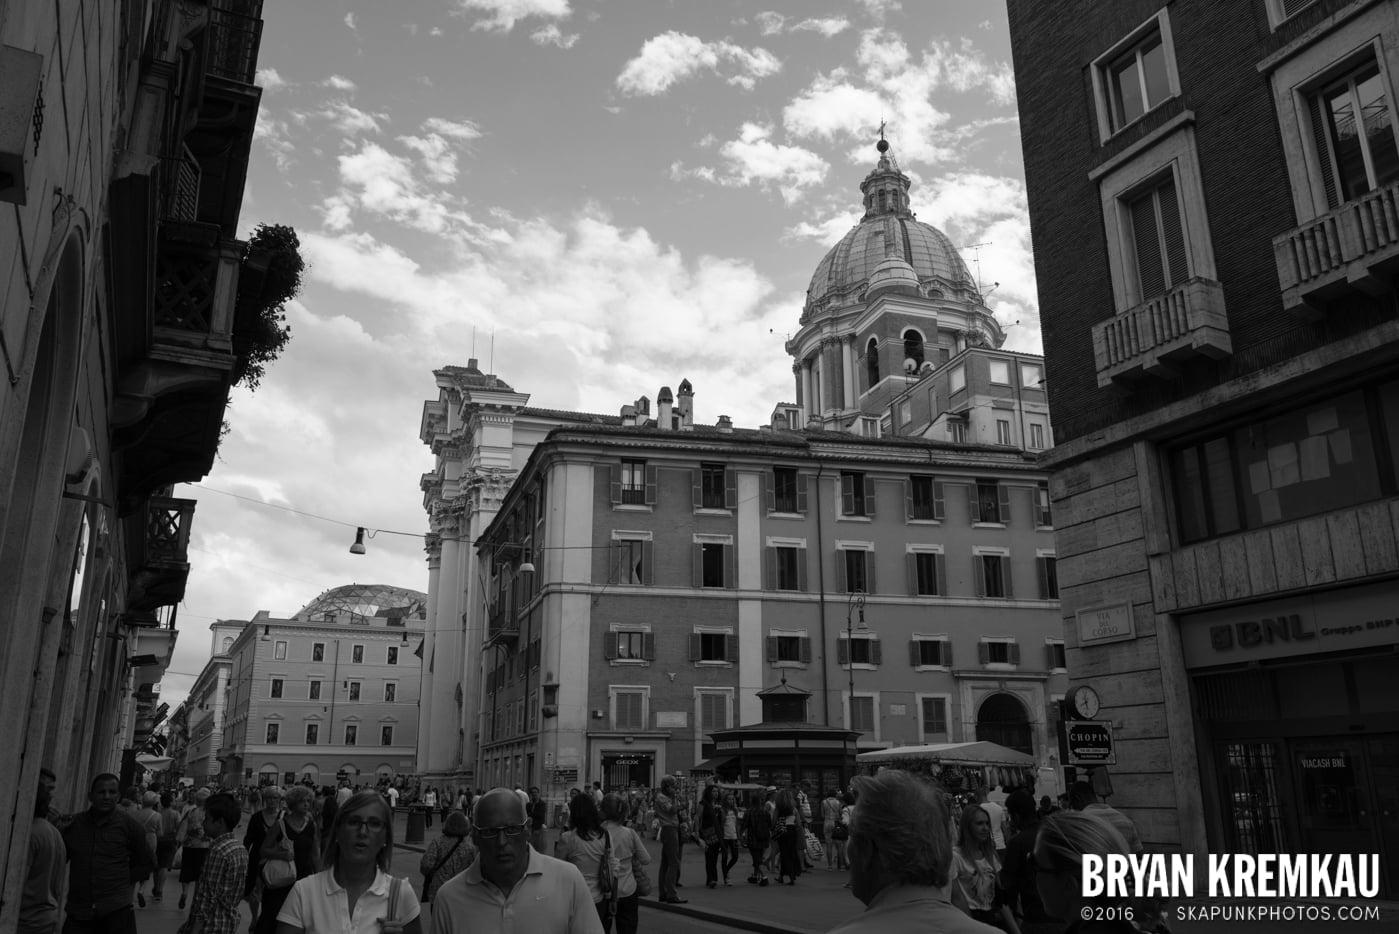 Italy Vacation - Day 3: Rome - 9.11.13 (15)